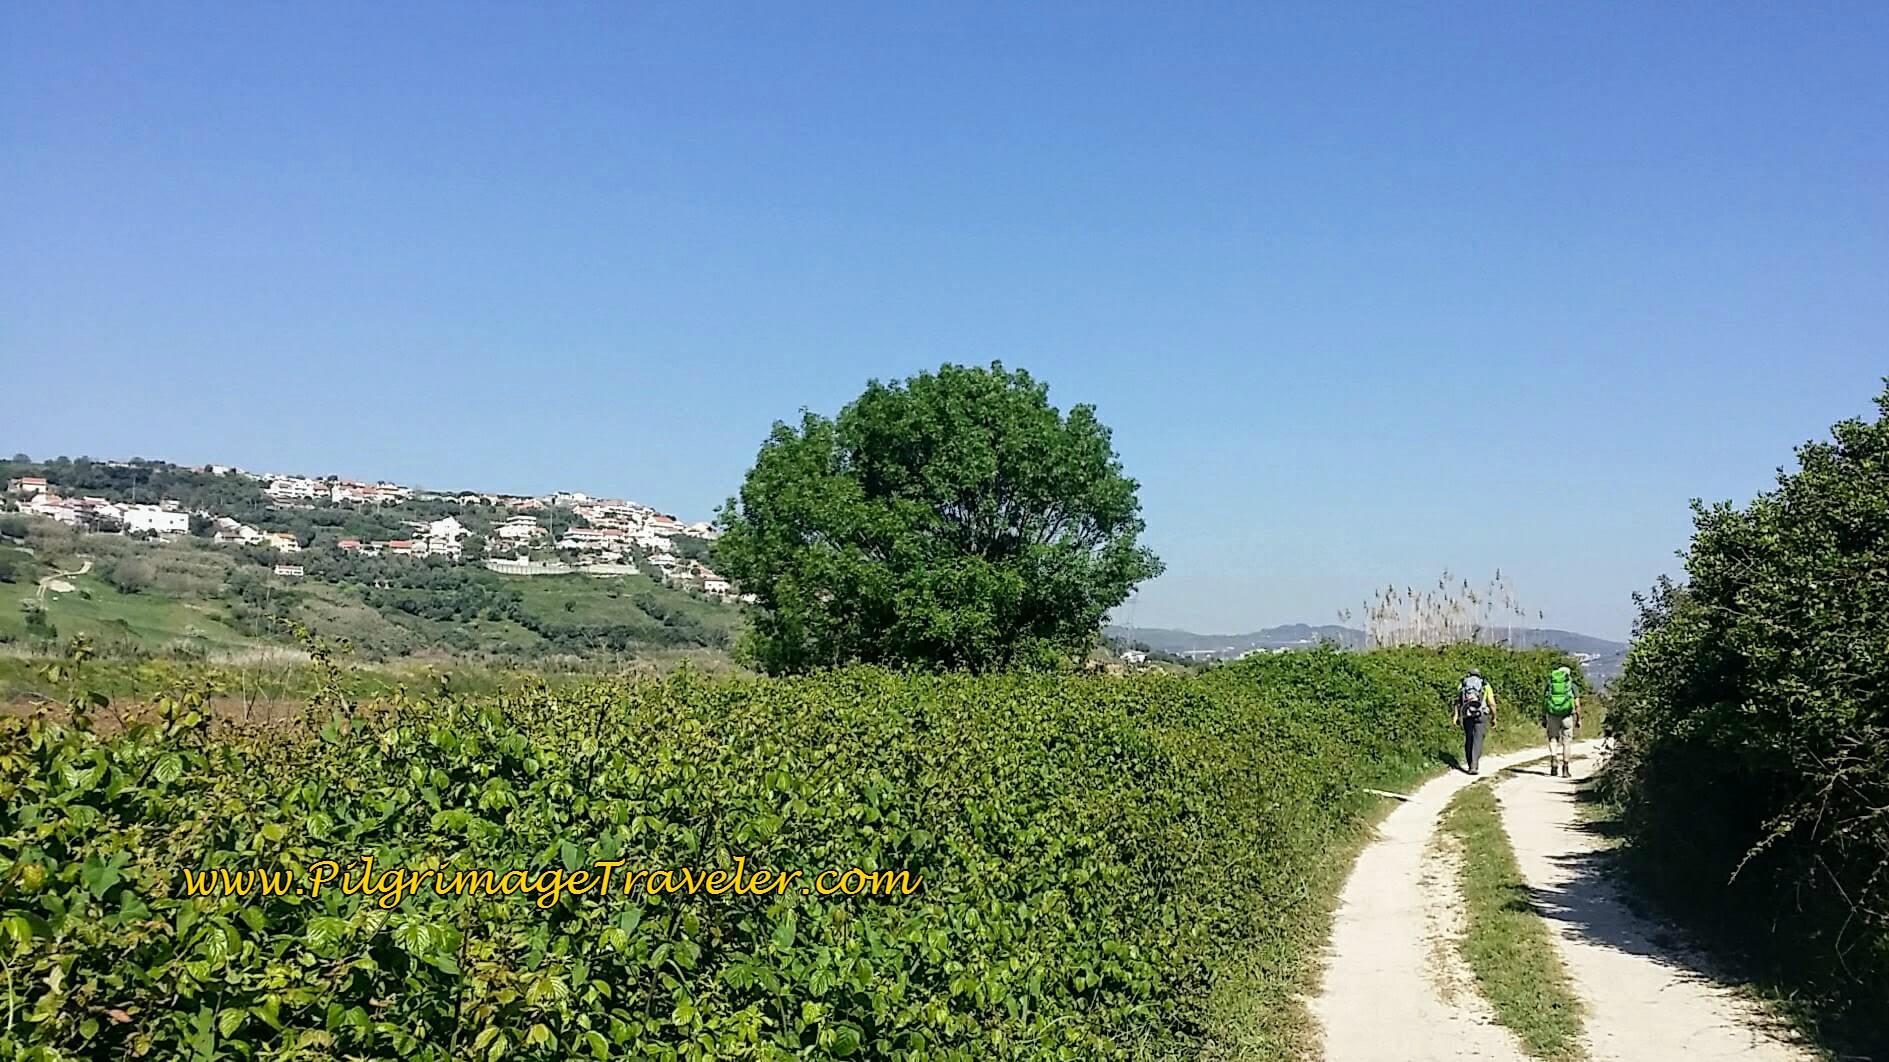 Walking on Track Towards Alpriate